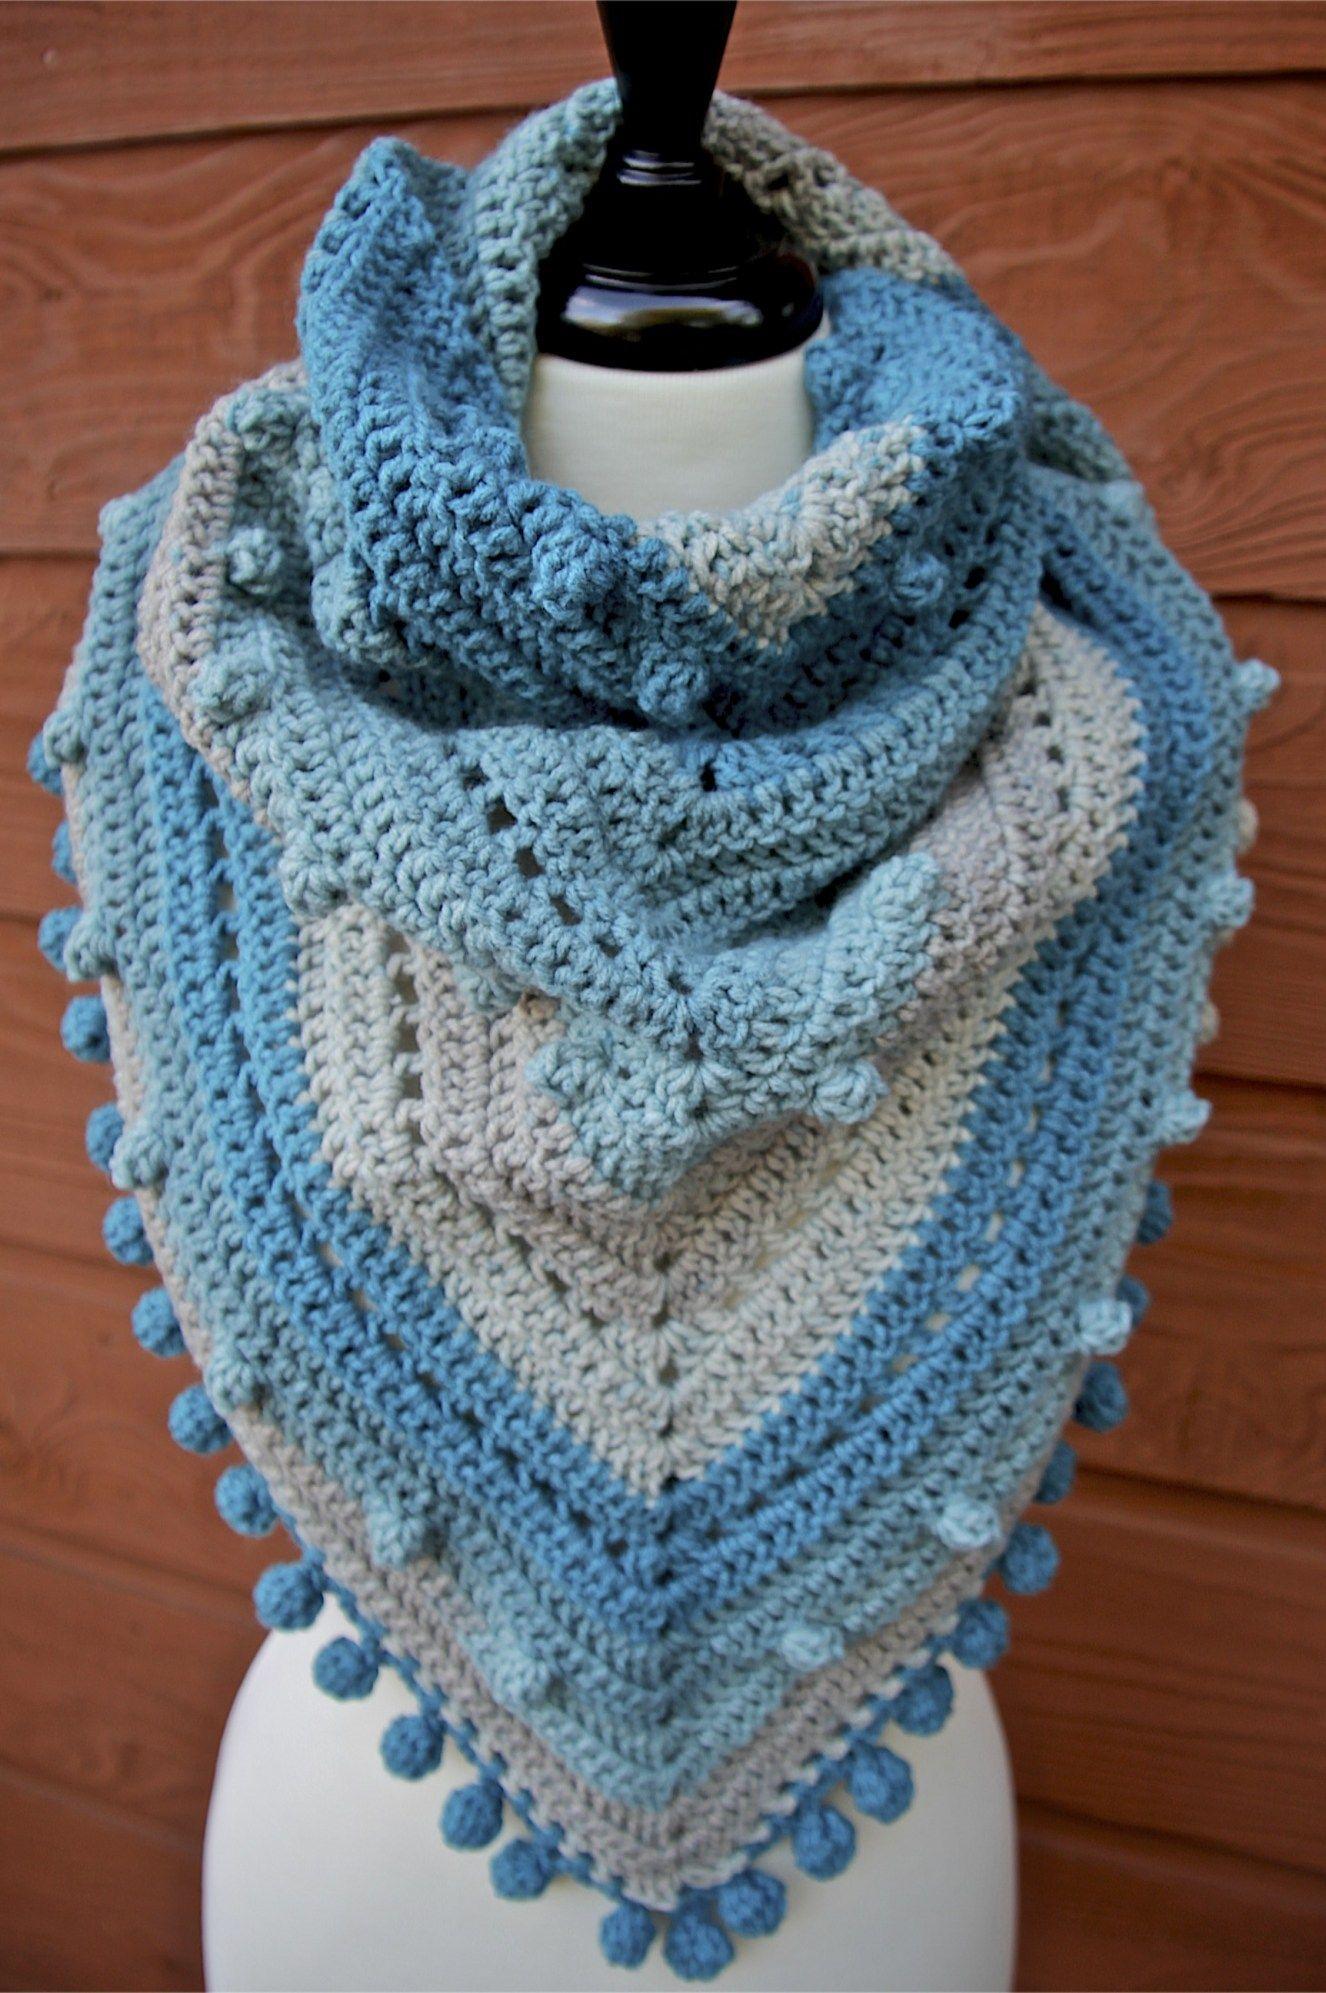 Misty Morning Triangle Scarf Shawlette Crochet Pattern ...